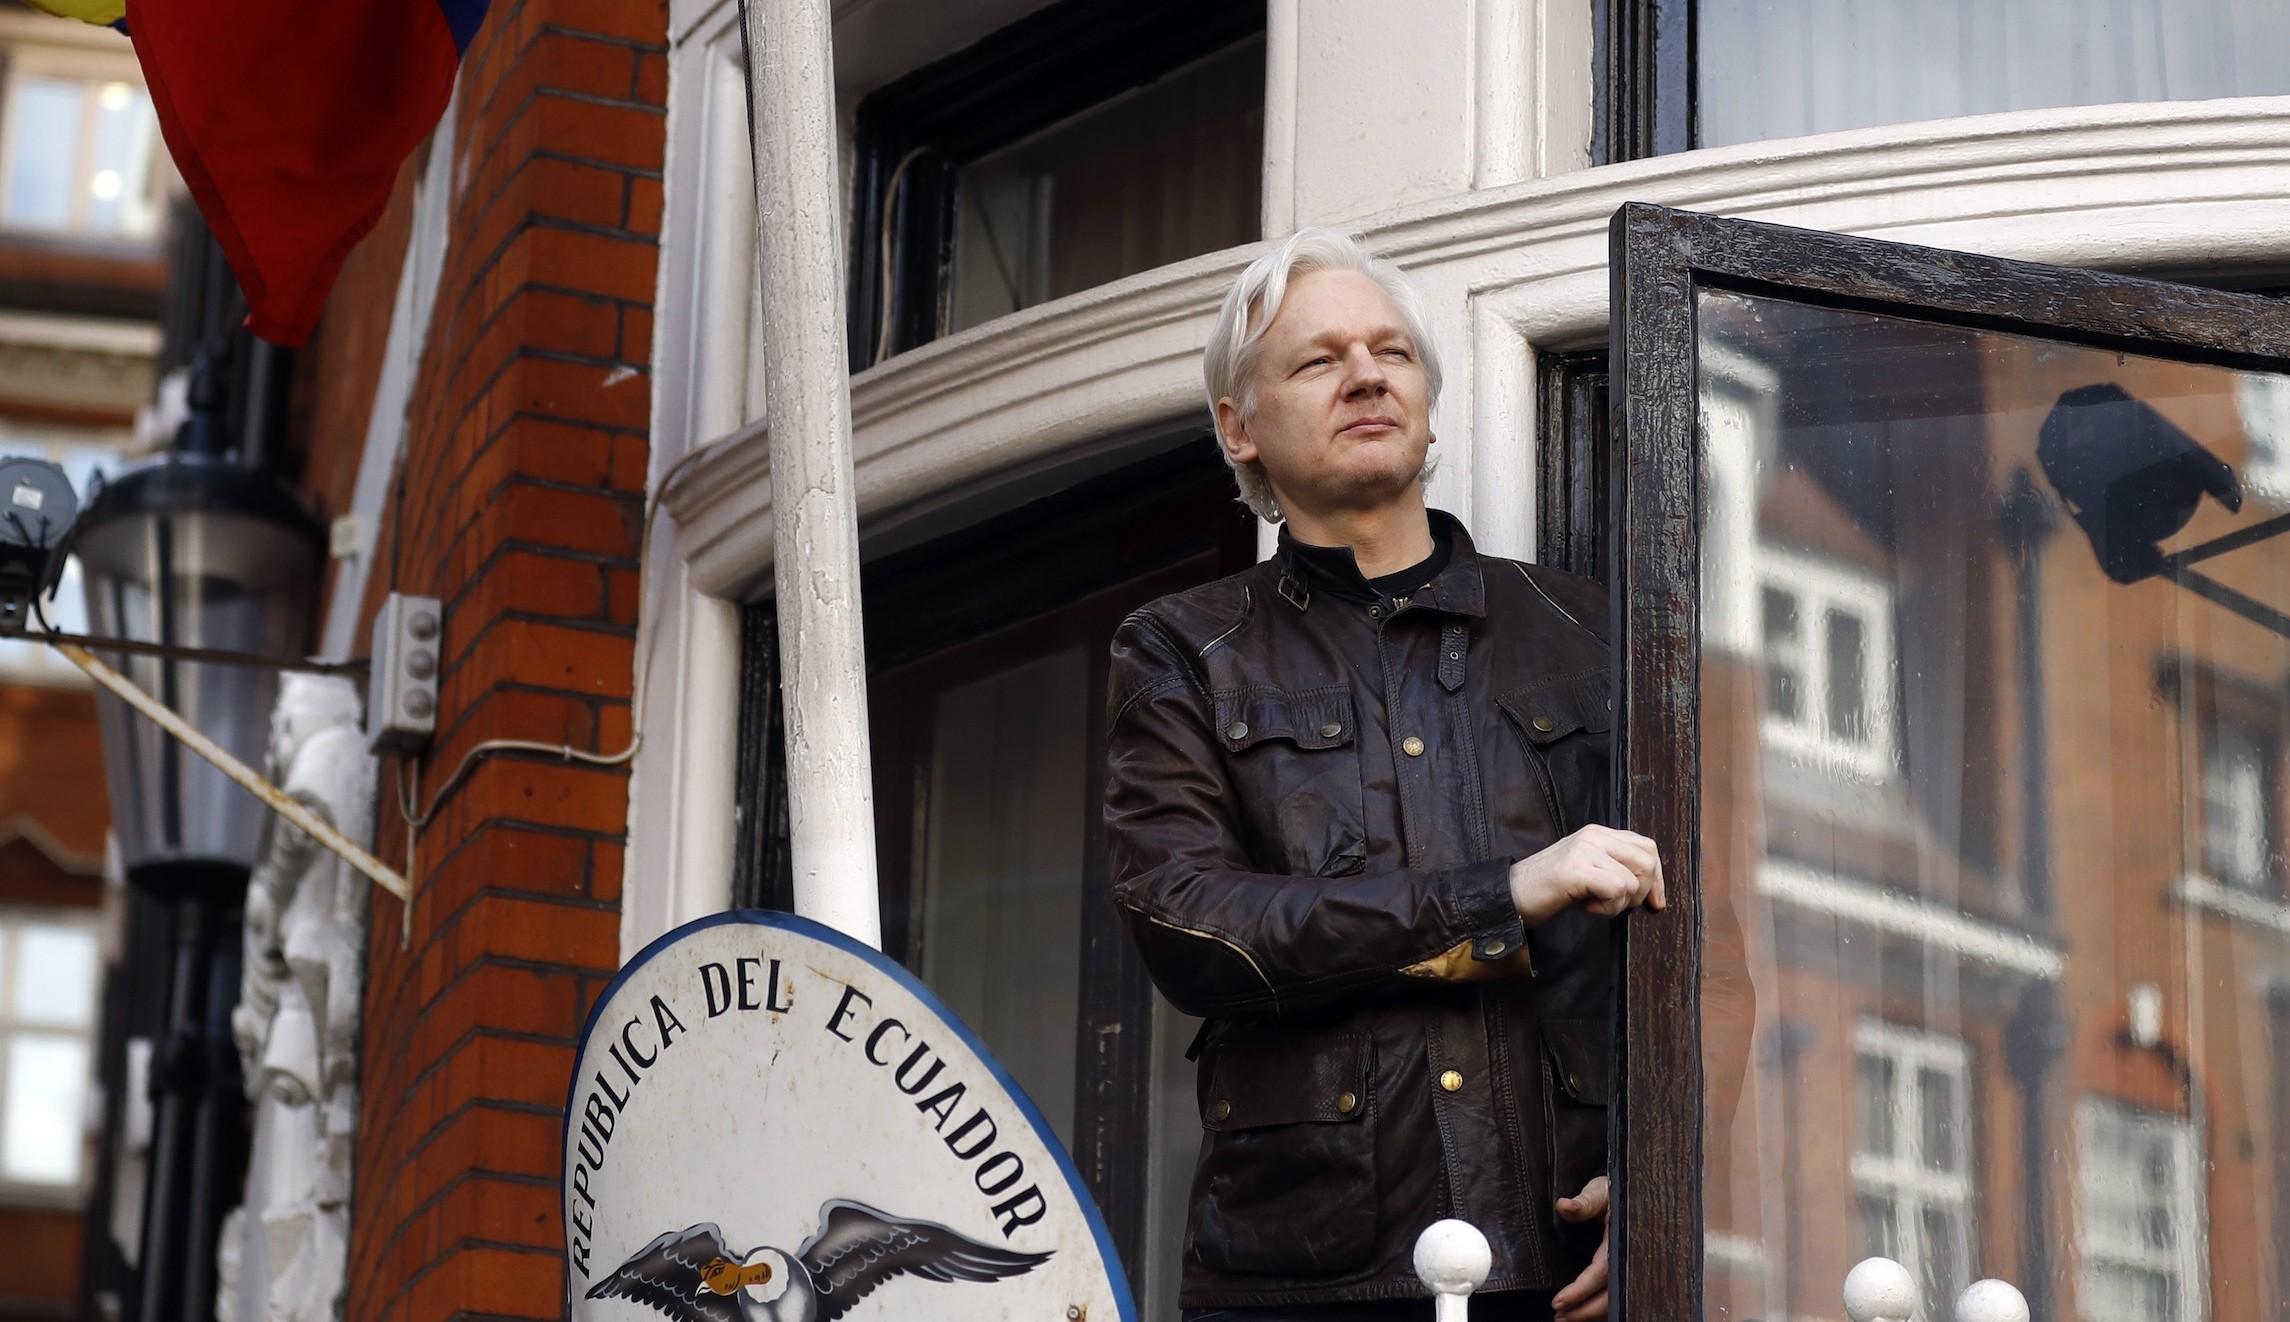 Джулиан Ассанж. Семь лет впосольстве Эквадора вЛондоне закончились арестом.